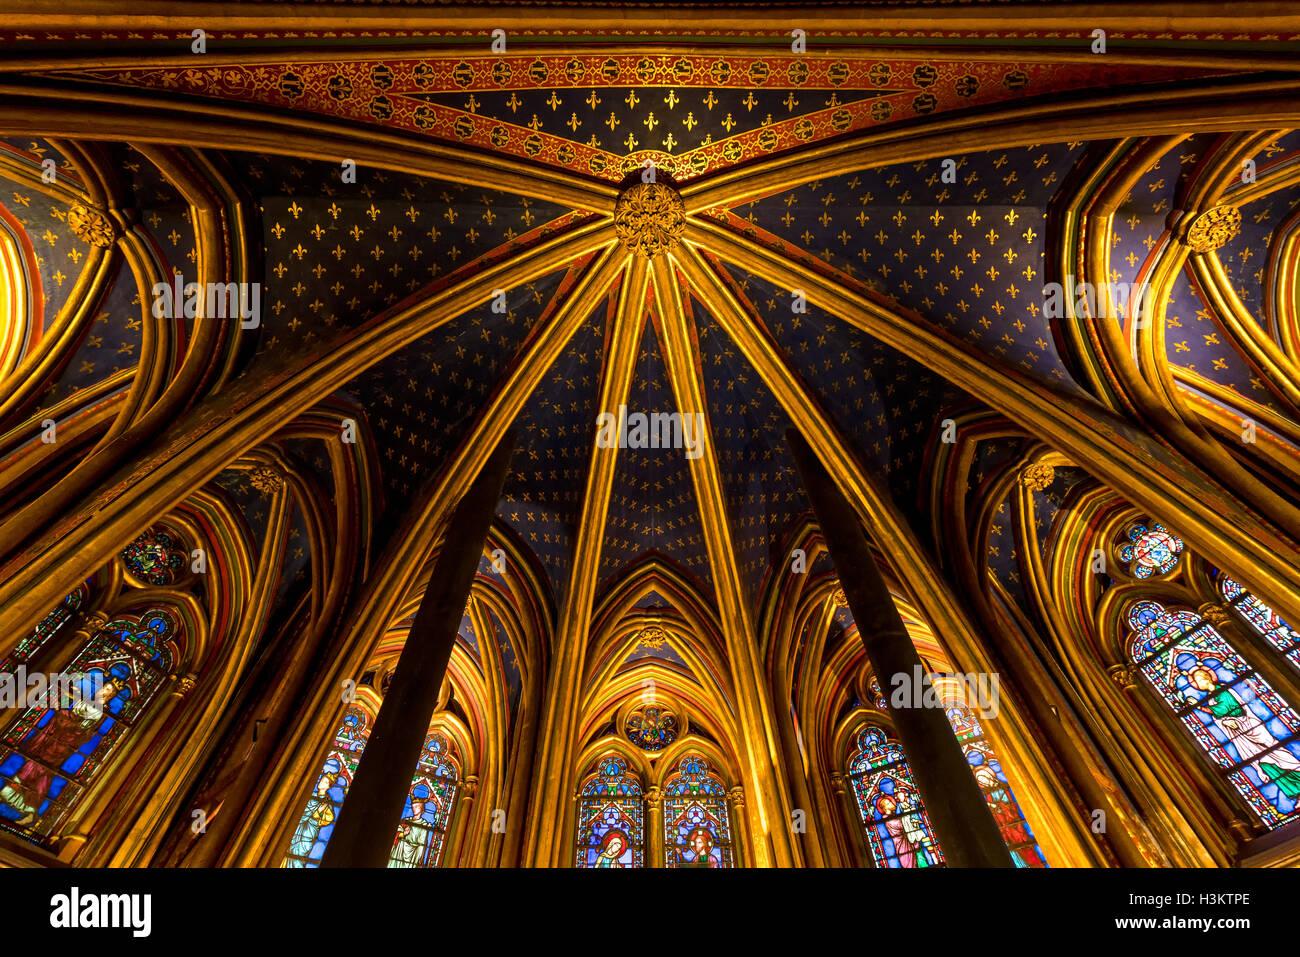 Plafond voûté gothique rayonnant de la basse chapelle de Sainte Chapelle, Ile de la Cité, Paris, Photo Stock